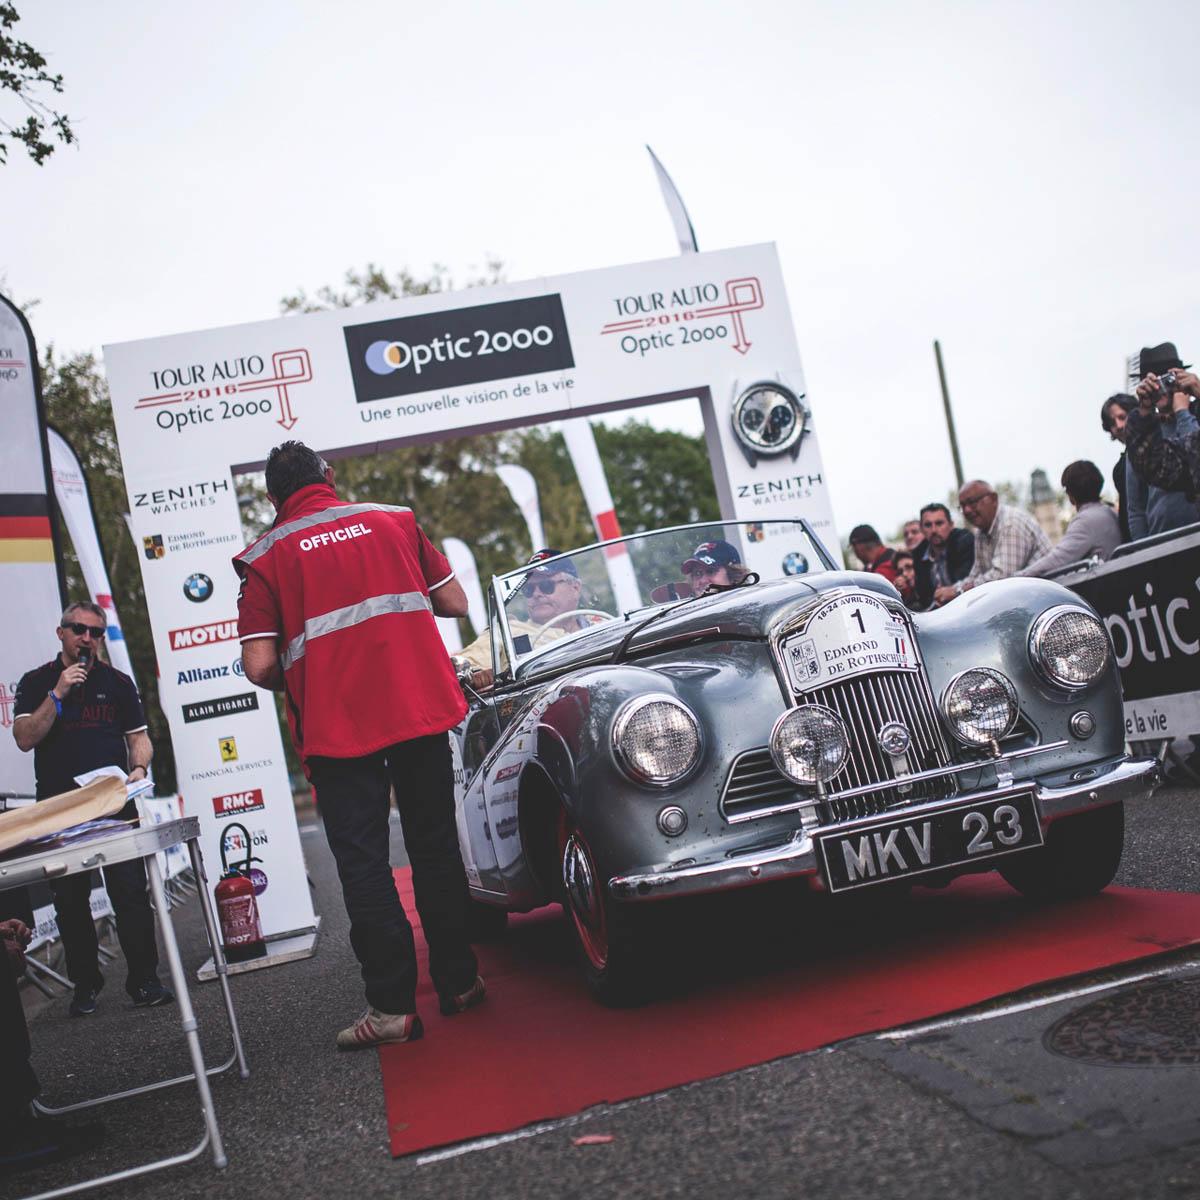 La Cote des Montres : Photo - Zenith Tour Auto Optic 2ooo - 2e étape - Beaune/Lyon - 20 avril